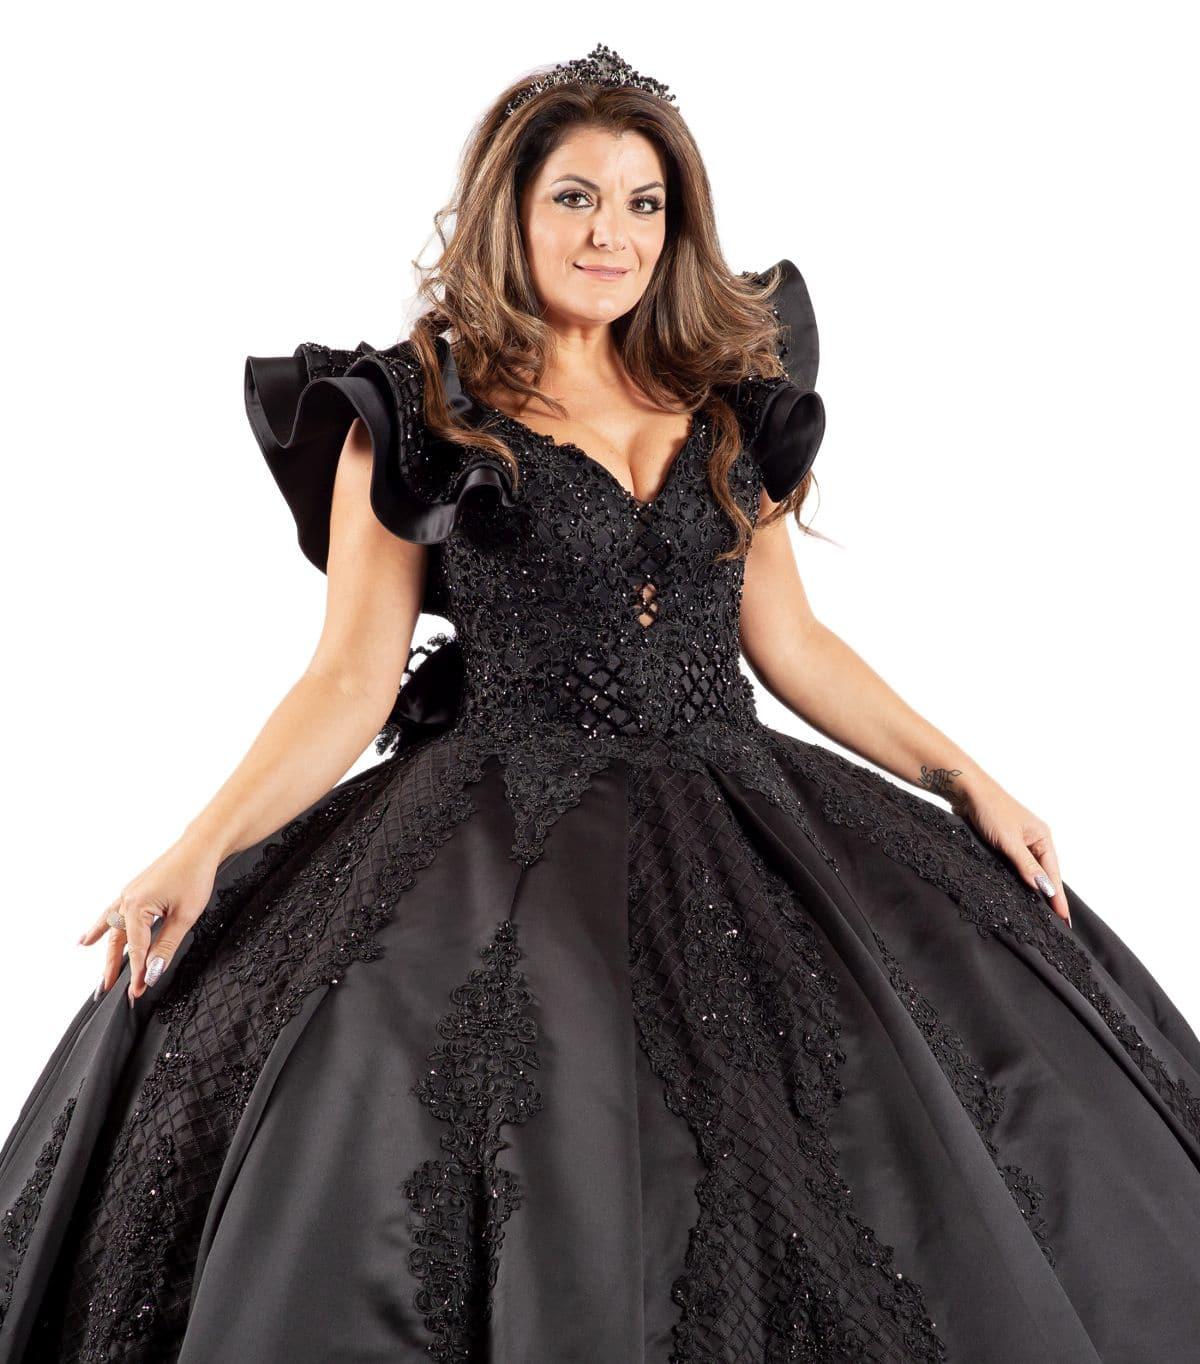 La Diva schwarzes Brautkleid detailansicht